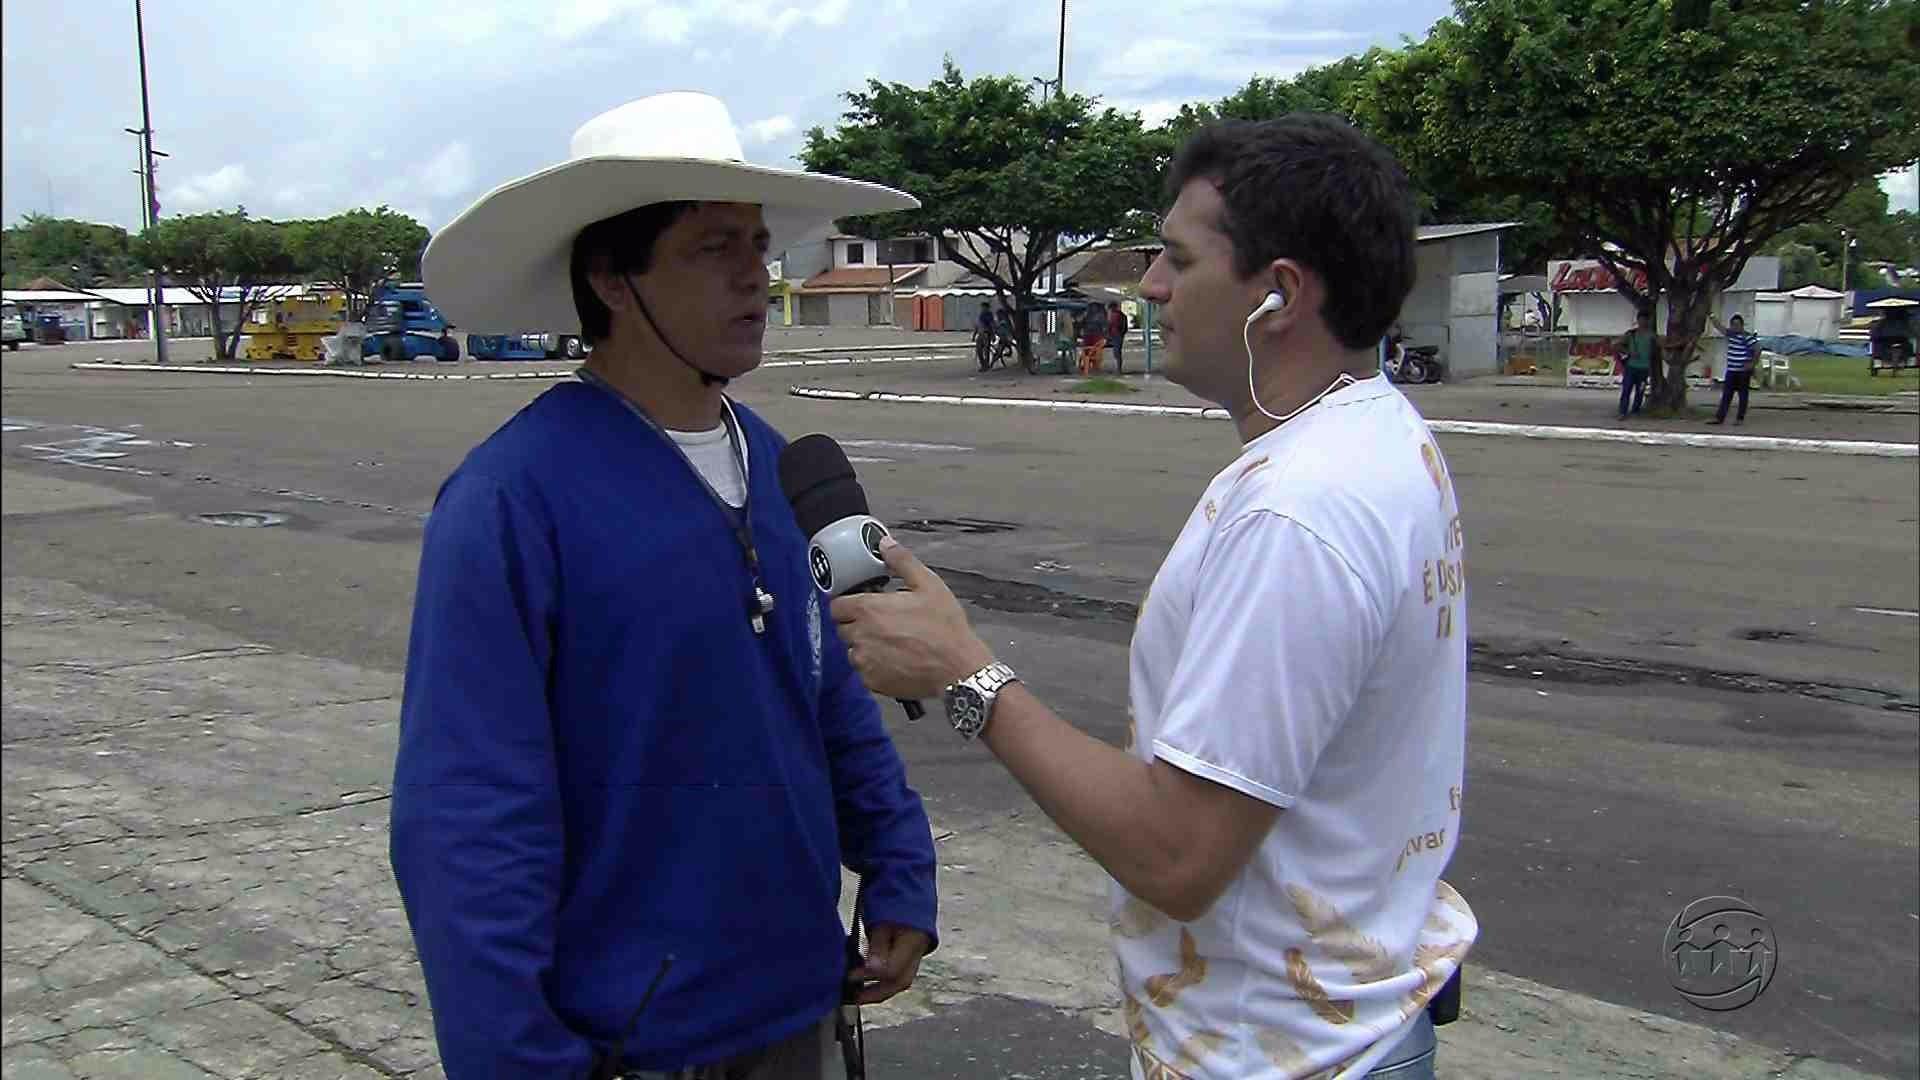 ENTREVISTA: DIRETOR DE GALPÃO FALA SOBRE ALEGORIAS DO CAPRICHOSO - Alô Amazonas - 26/06/17